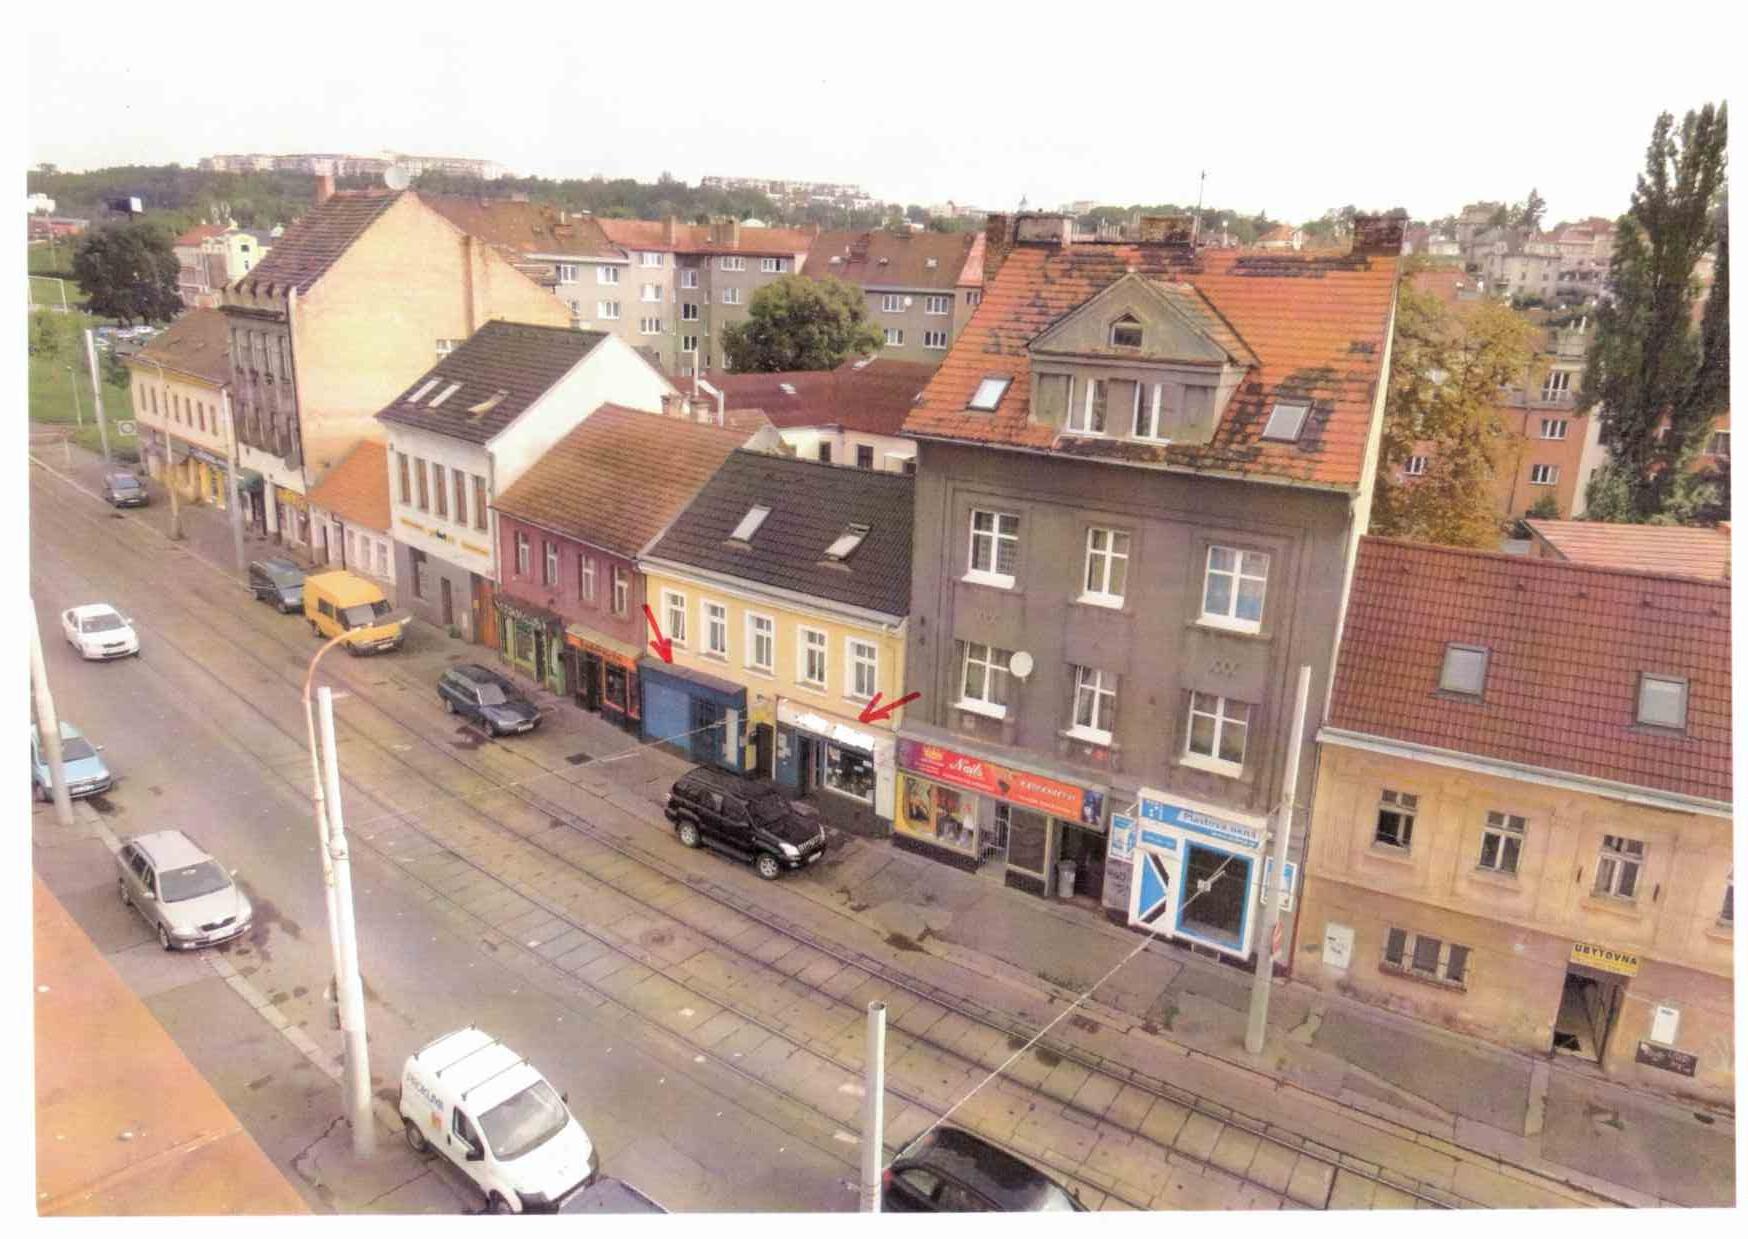 Praha, nabídka pronájem prodejny např. pro internetový obchod, prodejna k pronájmu jako kancelář .